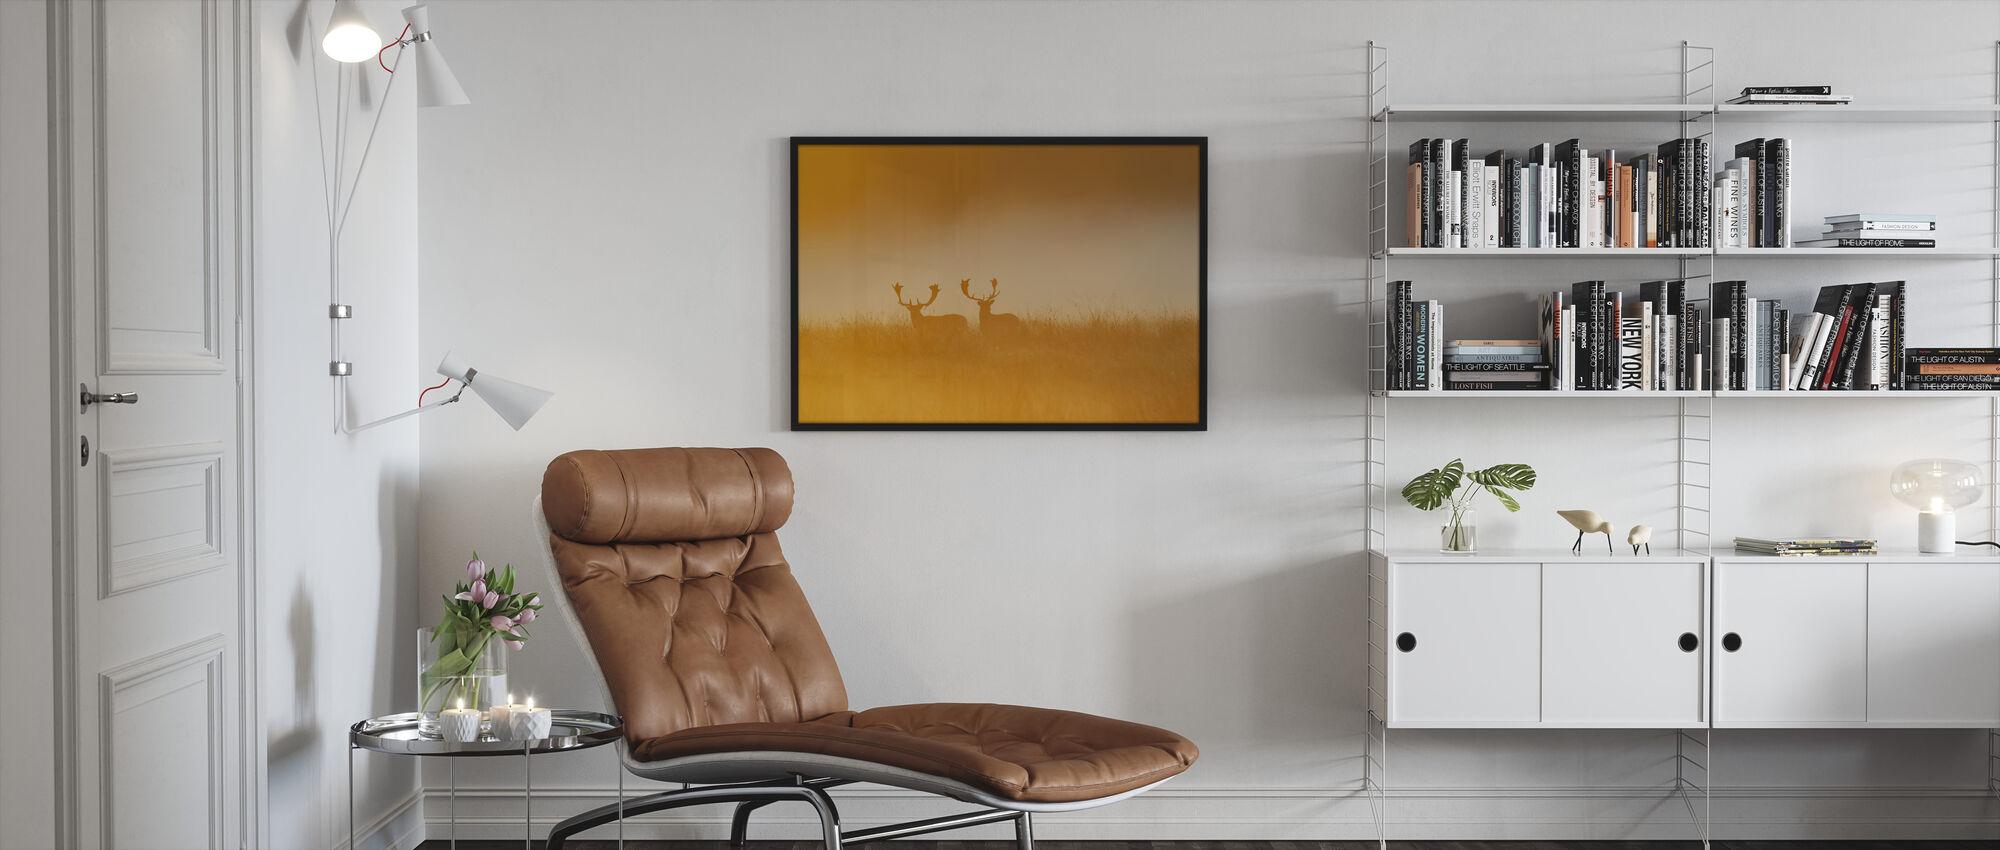 Deer in Yellow Light - Framed print - Living Room